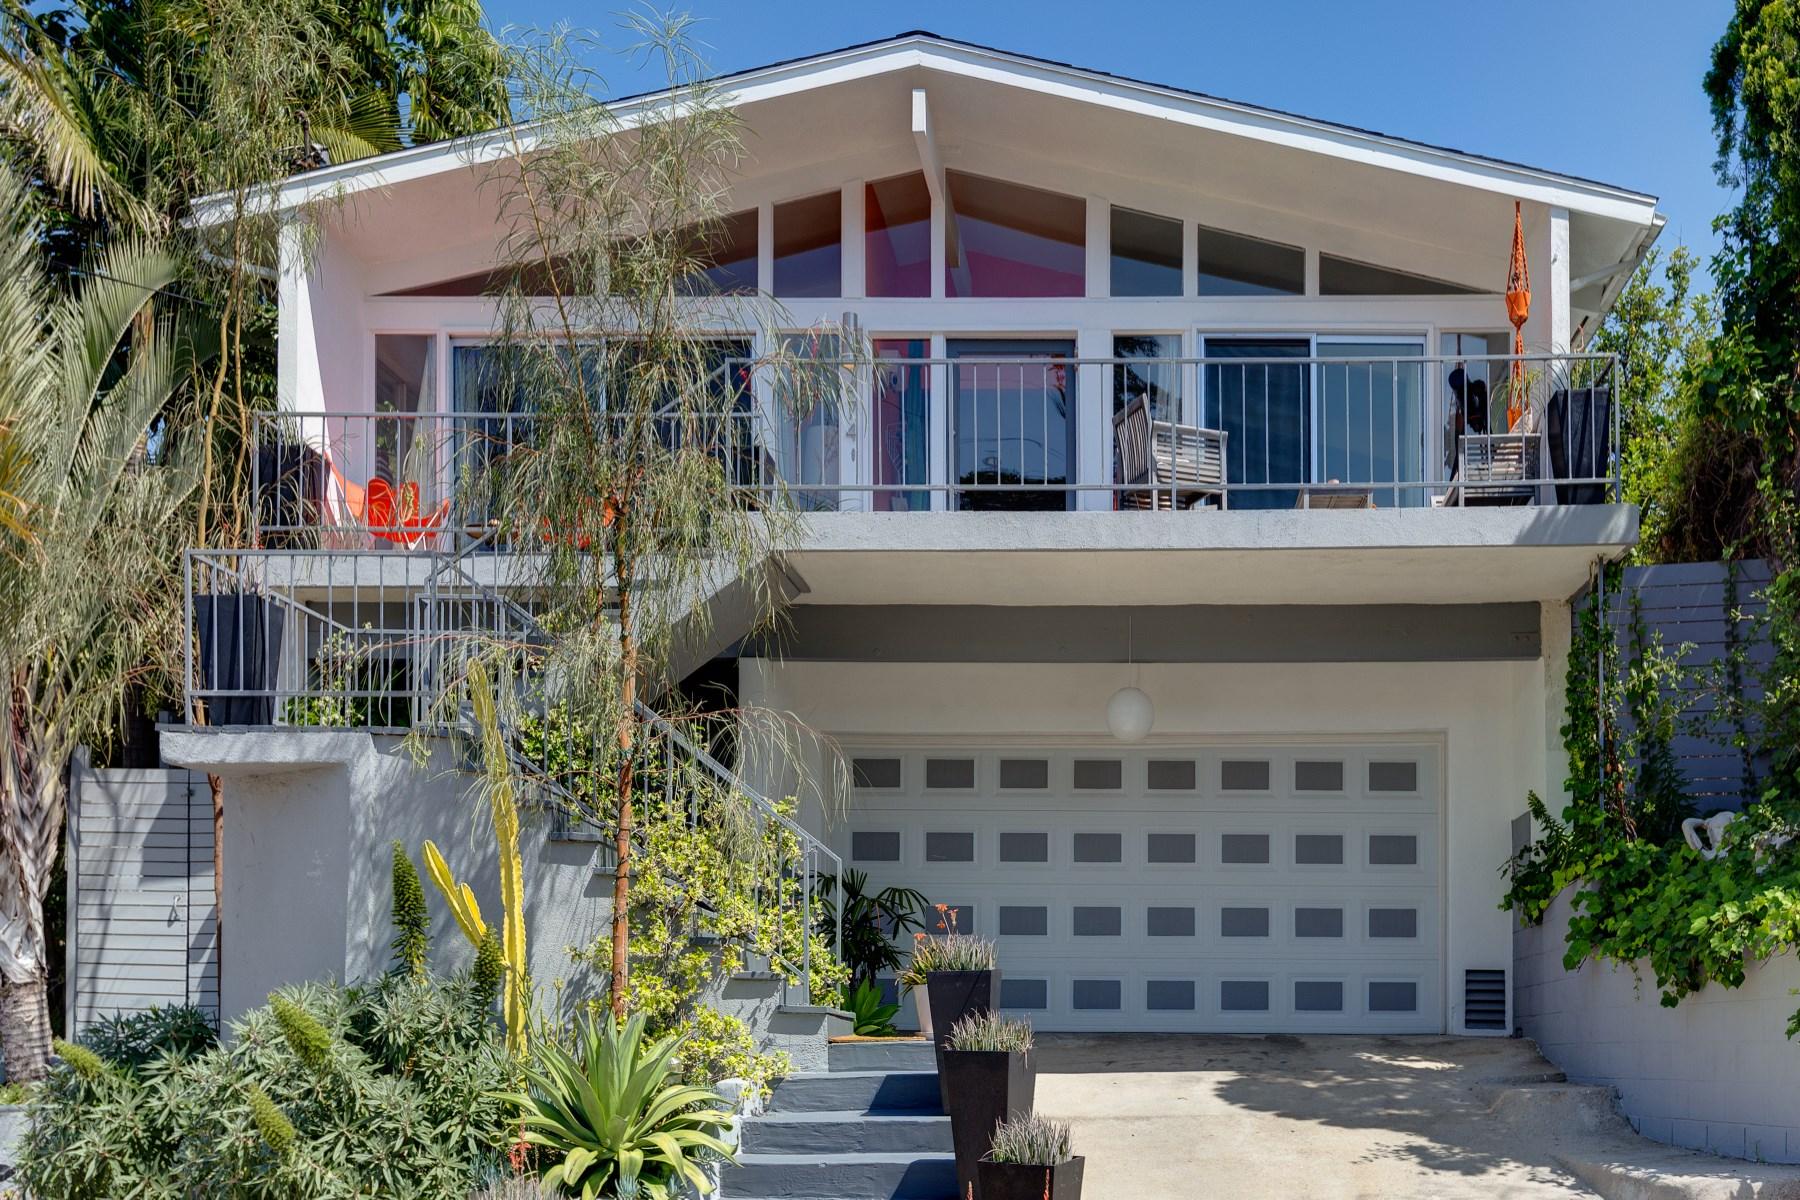 Tek Ailelik Ev için Satış at 474 Dustin Drive Mount Washington, Los Angeles, Kaliforniya, 90065 Amerika Birleşik Devletleri